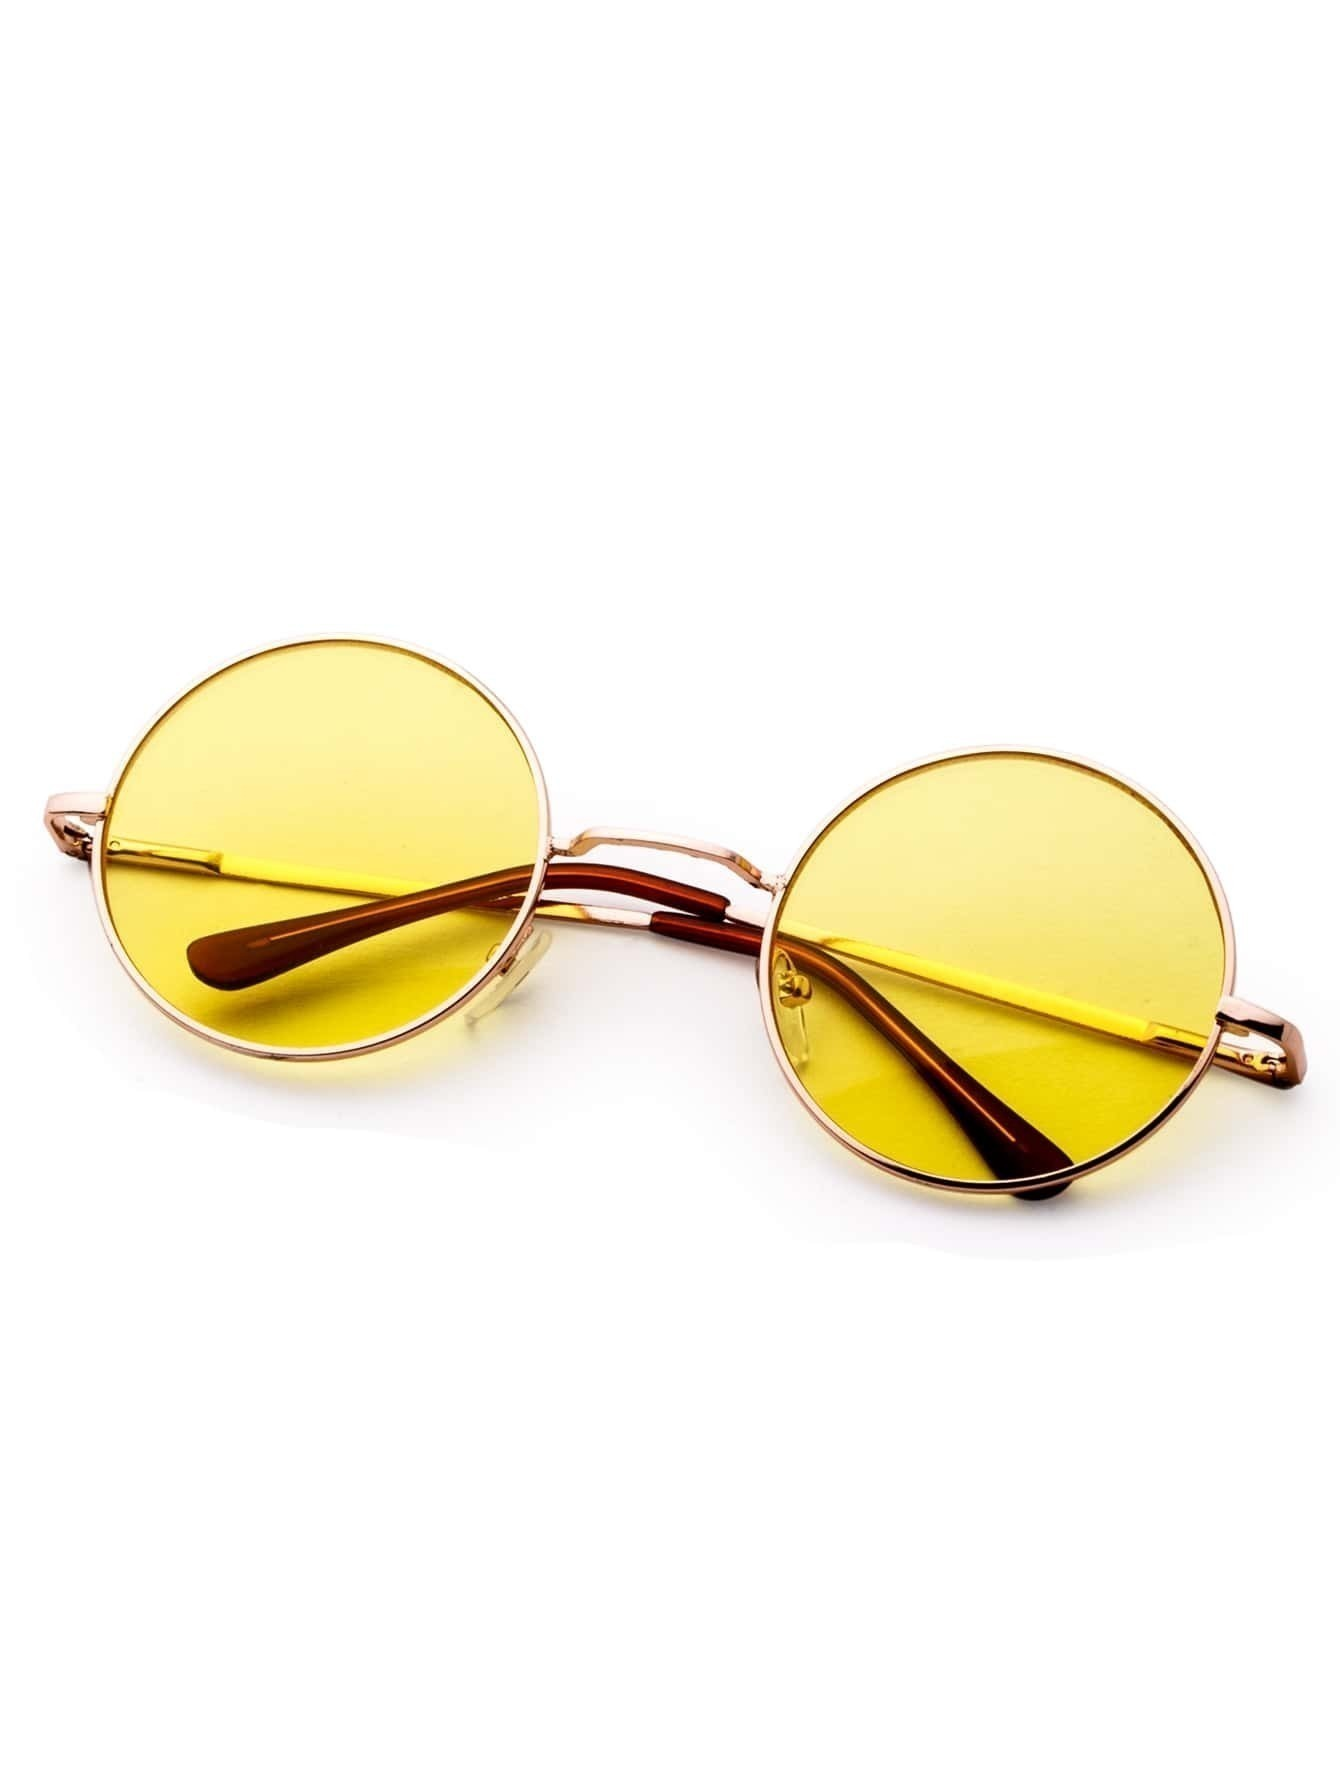 Lunettes de soleil r tro avec cadre en m tal et verre rond for Lunette de soleil avec verre miroir